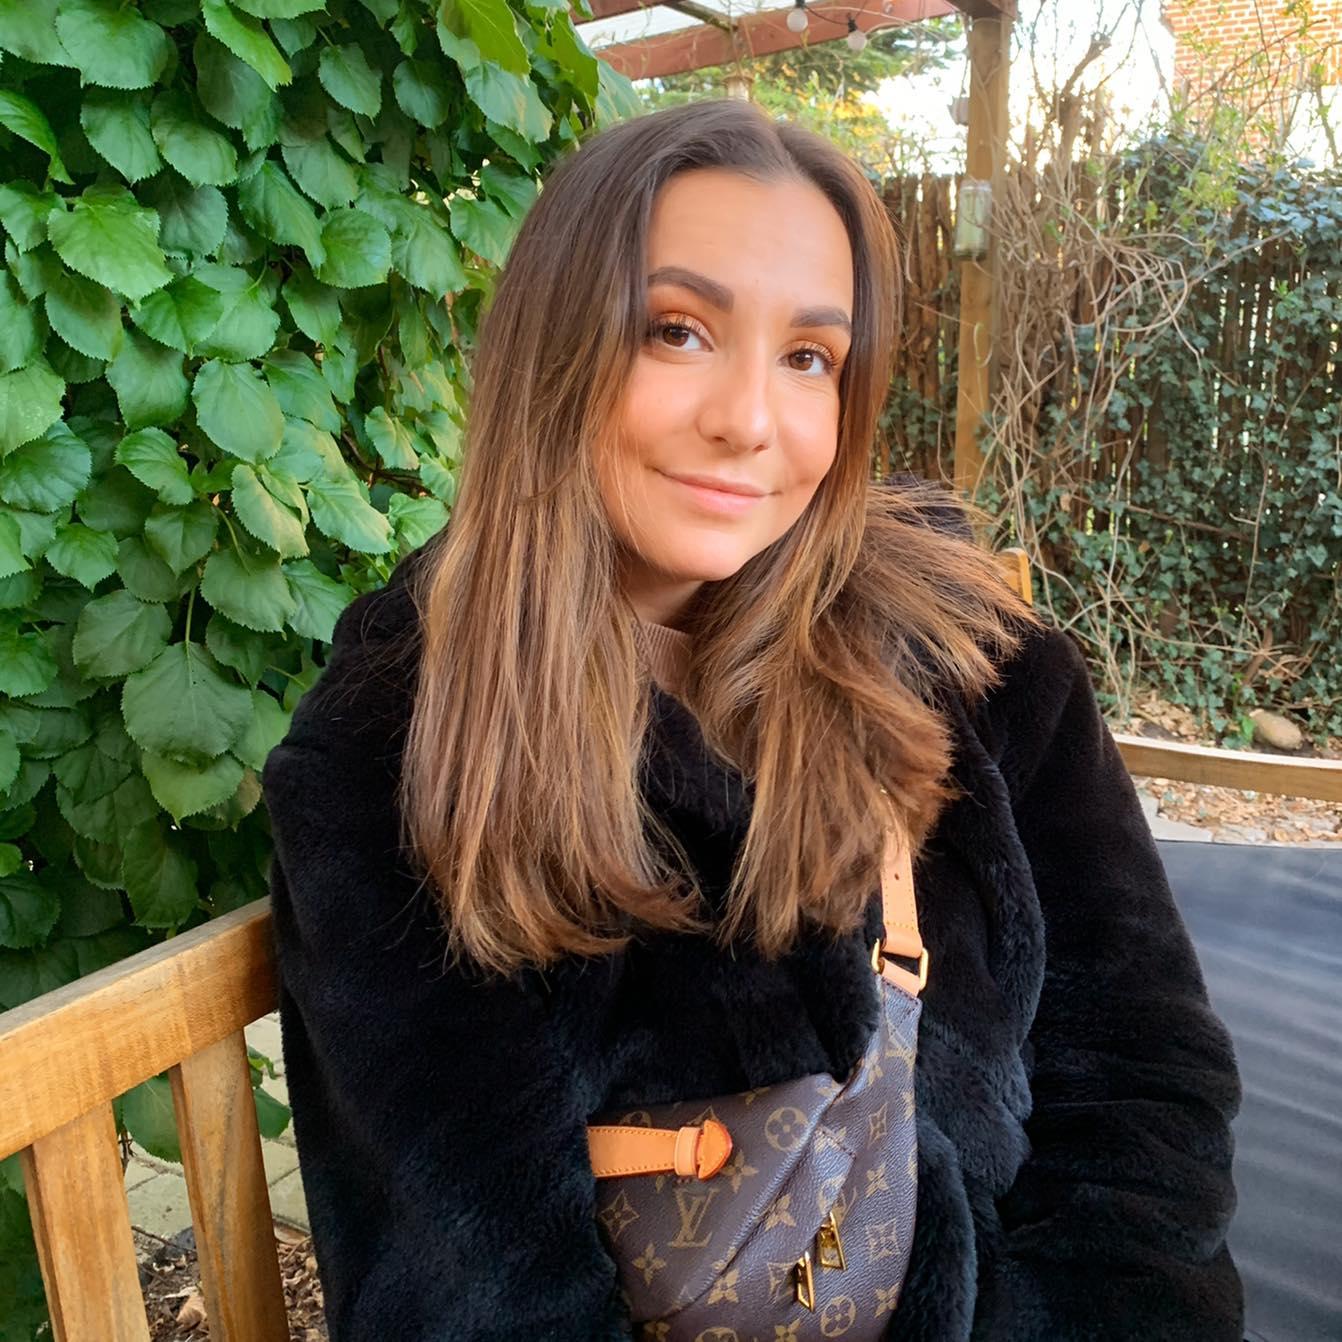 Olivia Dehn